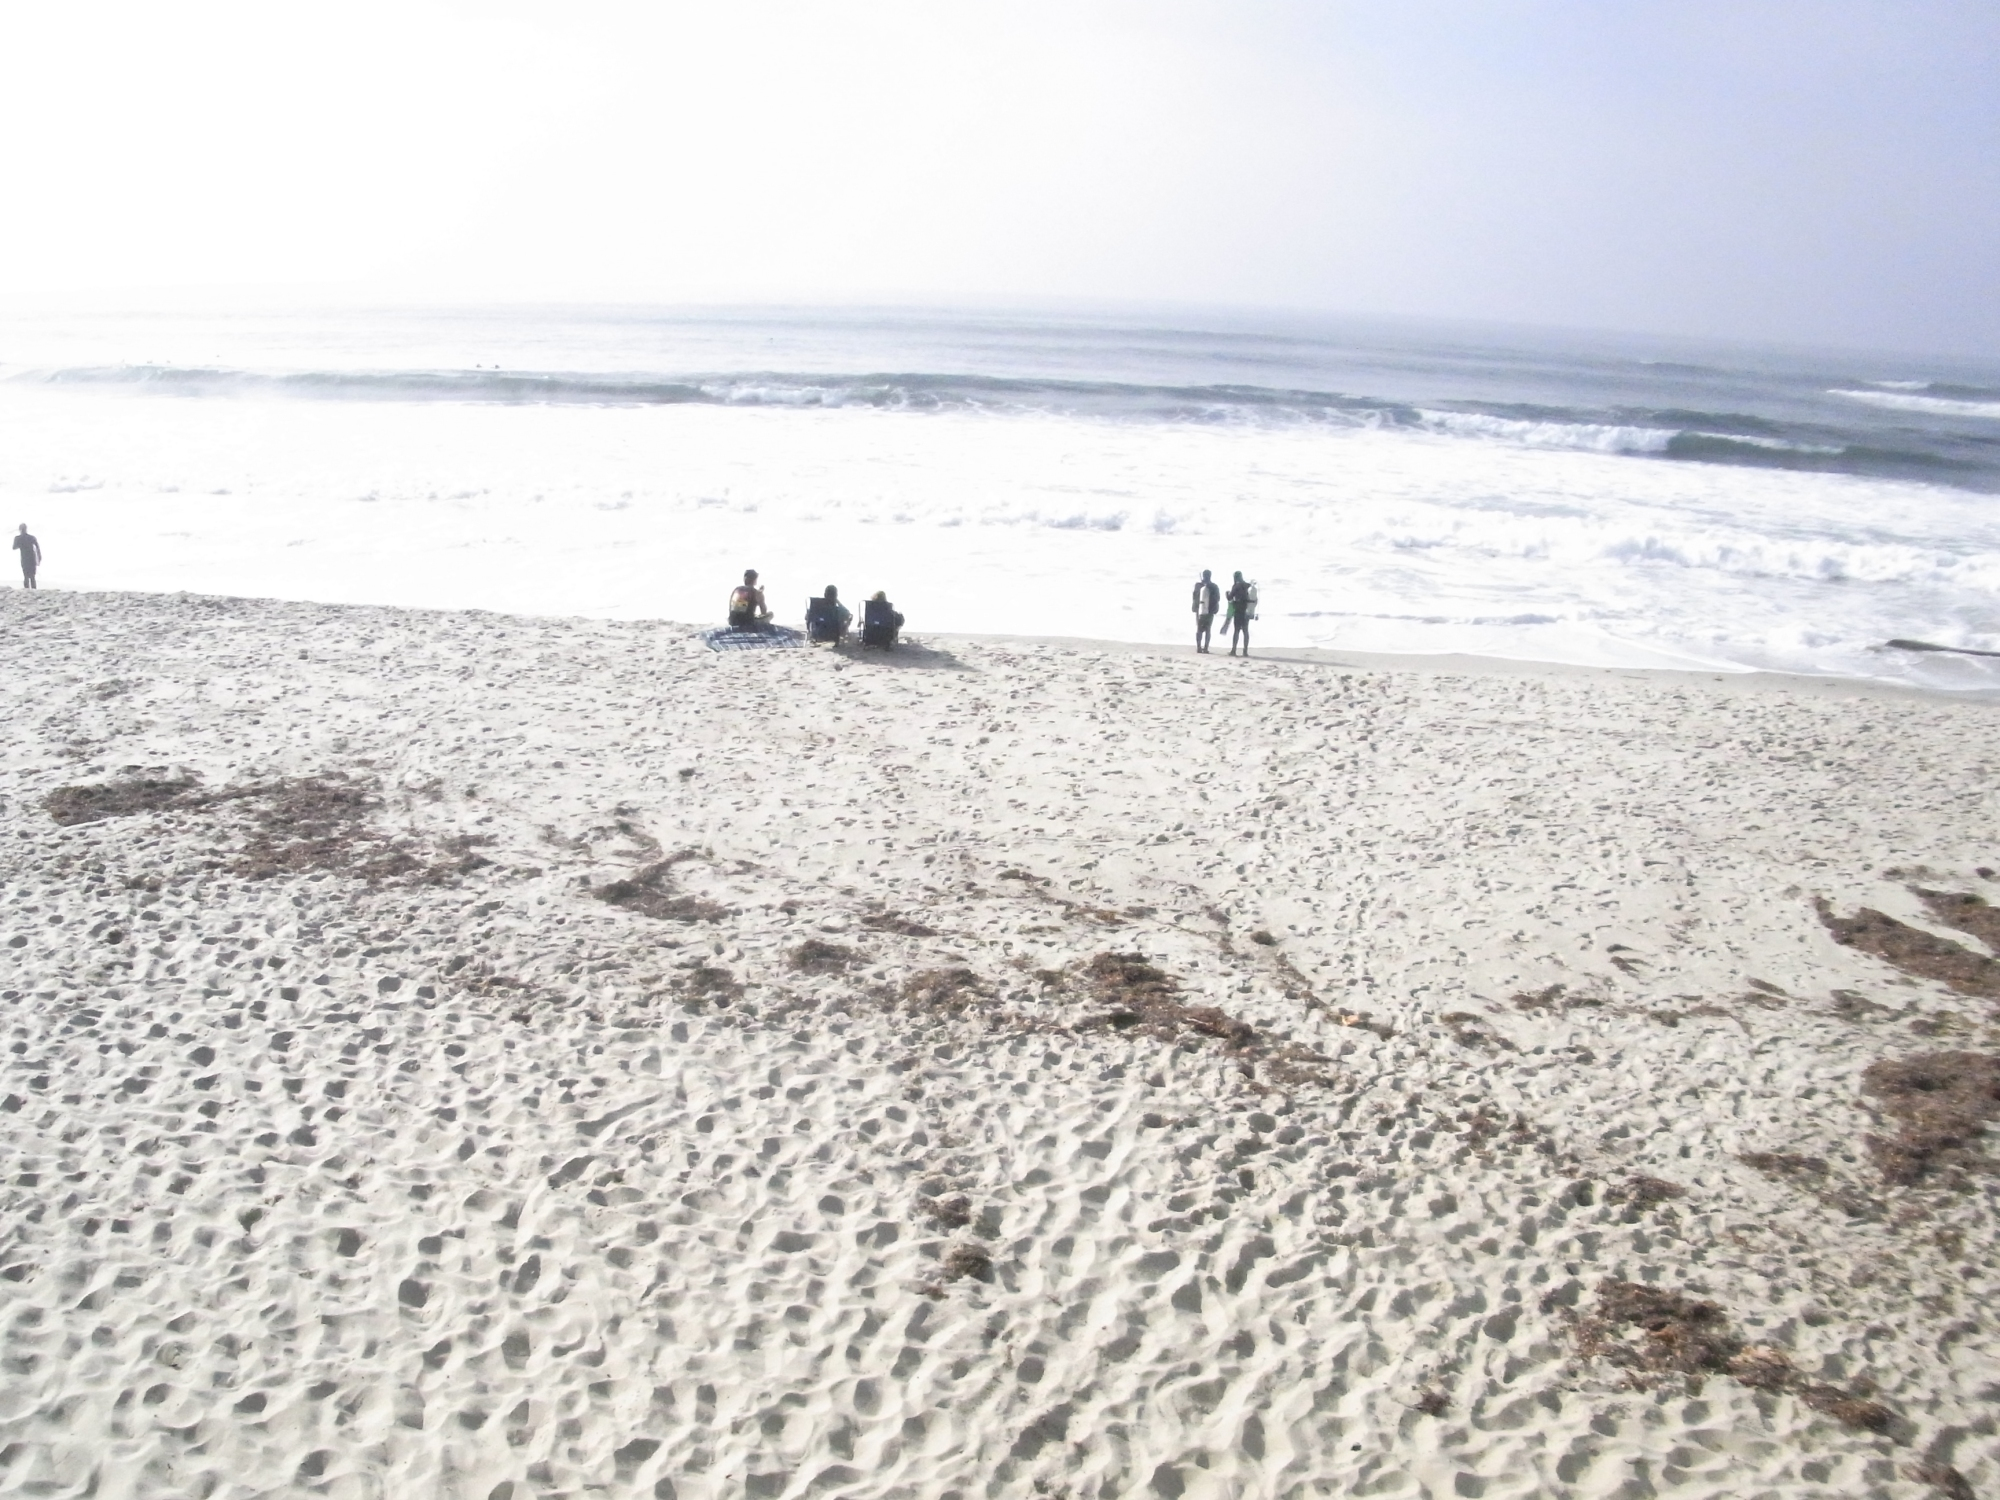 Weiterer Strand nachmittags in San Diego